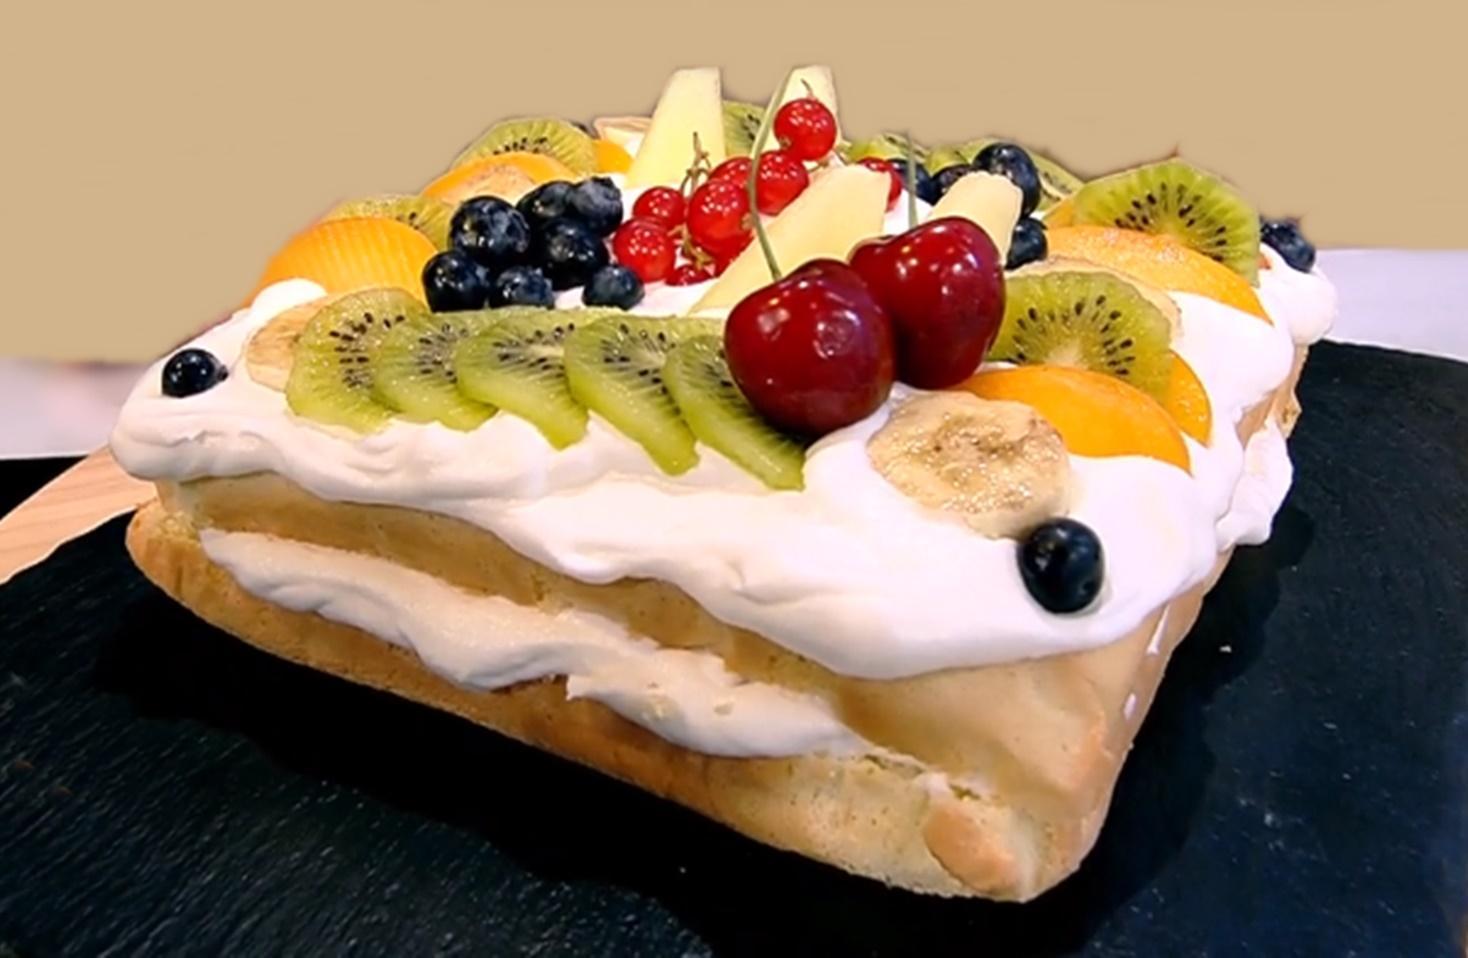 Pandișpan cu cremă de vanilie și multe fructe - Rețeta Ramonei Olaru  de la Neatza cu Răzvan și Dani